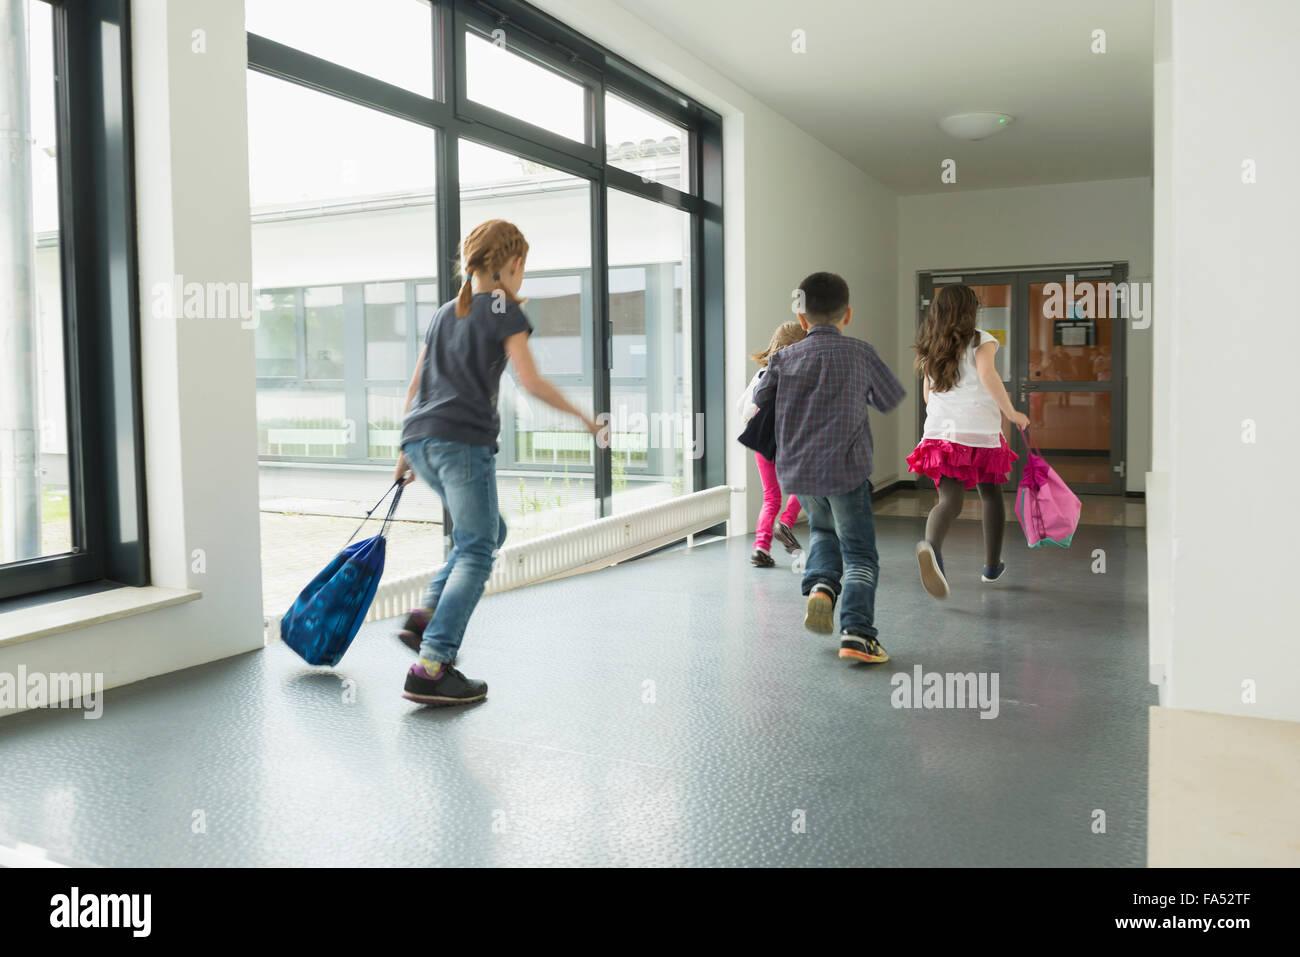 Les enfants courir avec des sacs de sport dans couloir de sports hall, Munich, Bavière, Allemagne Photo Stock